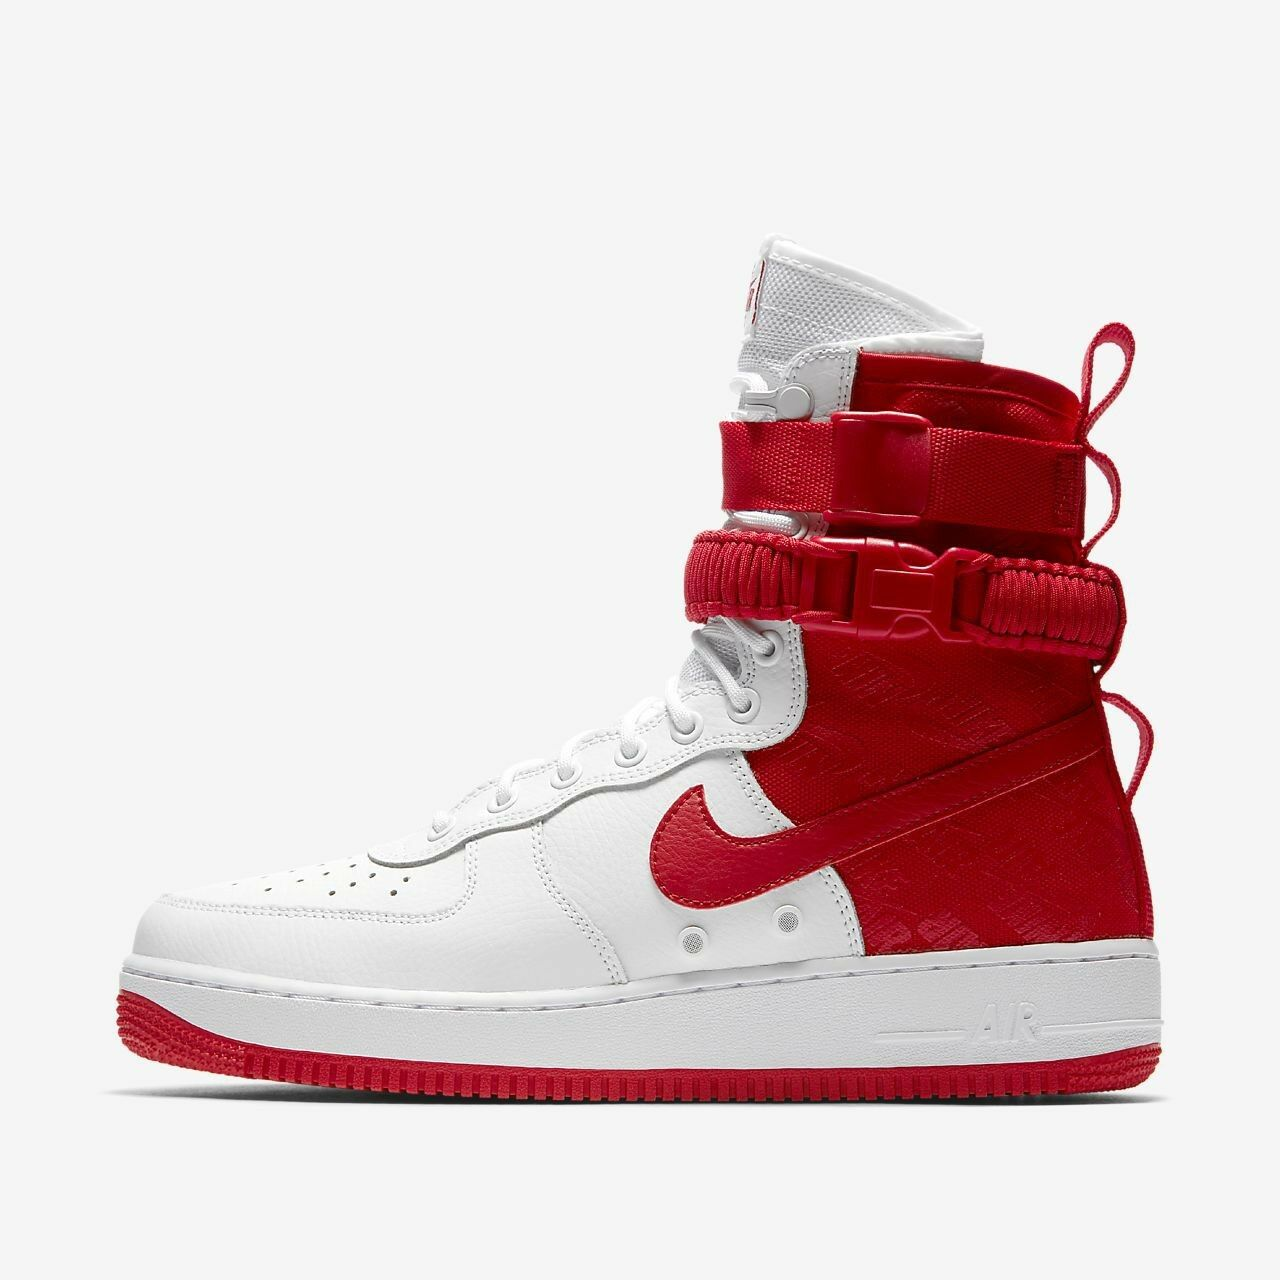 Nike Sf 1 Air Force 1 Sf Rosso E Bianco Migliori Uomini Fuori Ar1955-100 Dimensioni 13 0ee55c